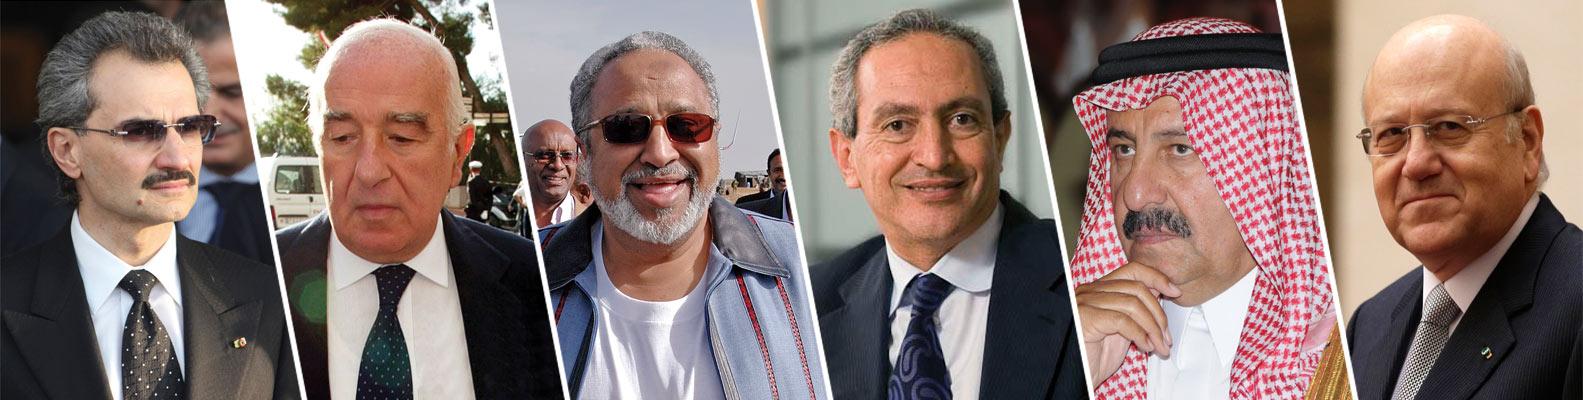 The world richest Arabs 2015